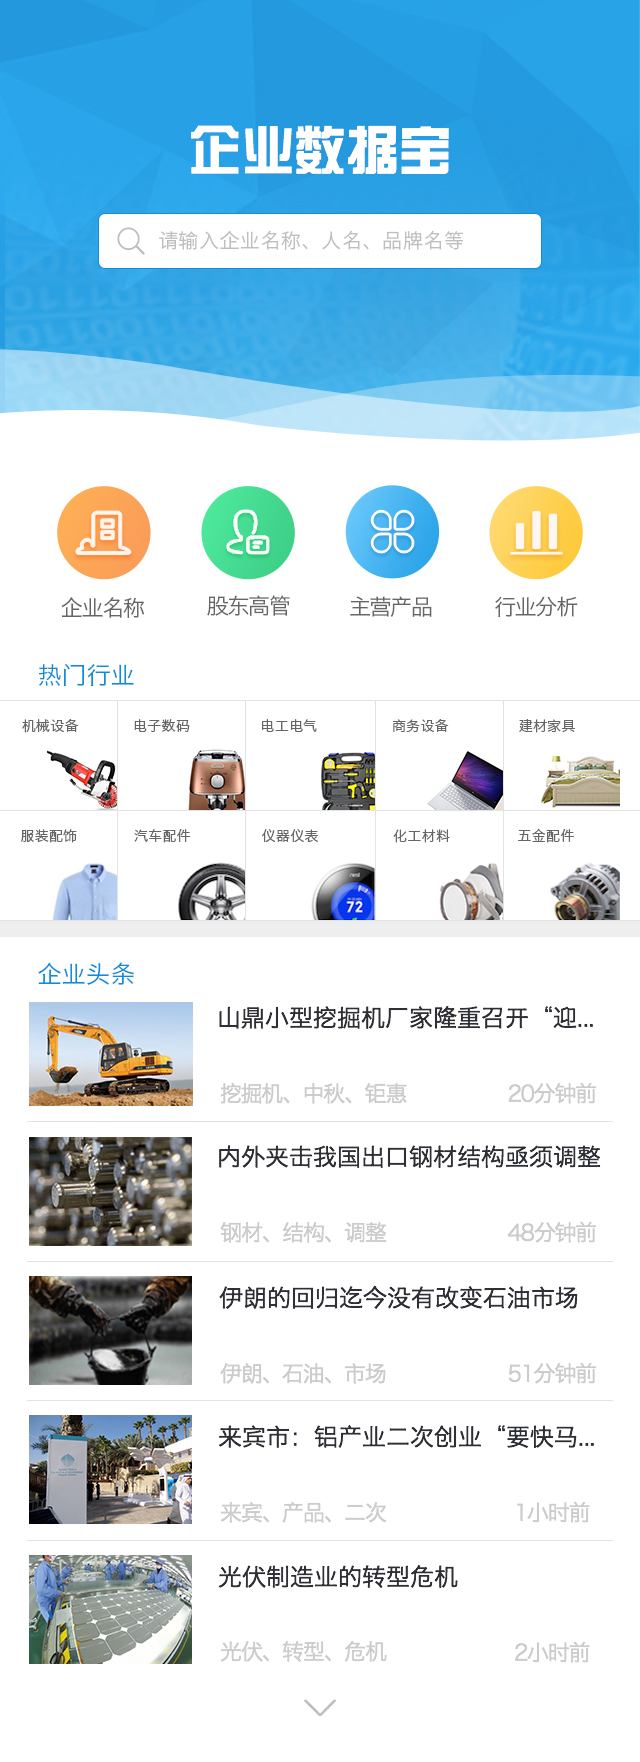 企业数据宝app 移动设备\/APP界面 UI 谢晔 - 原